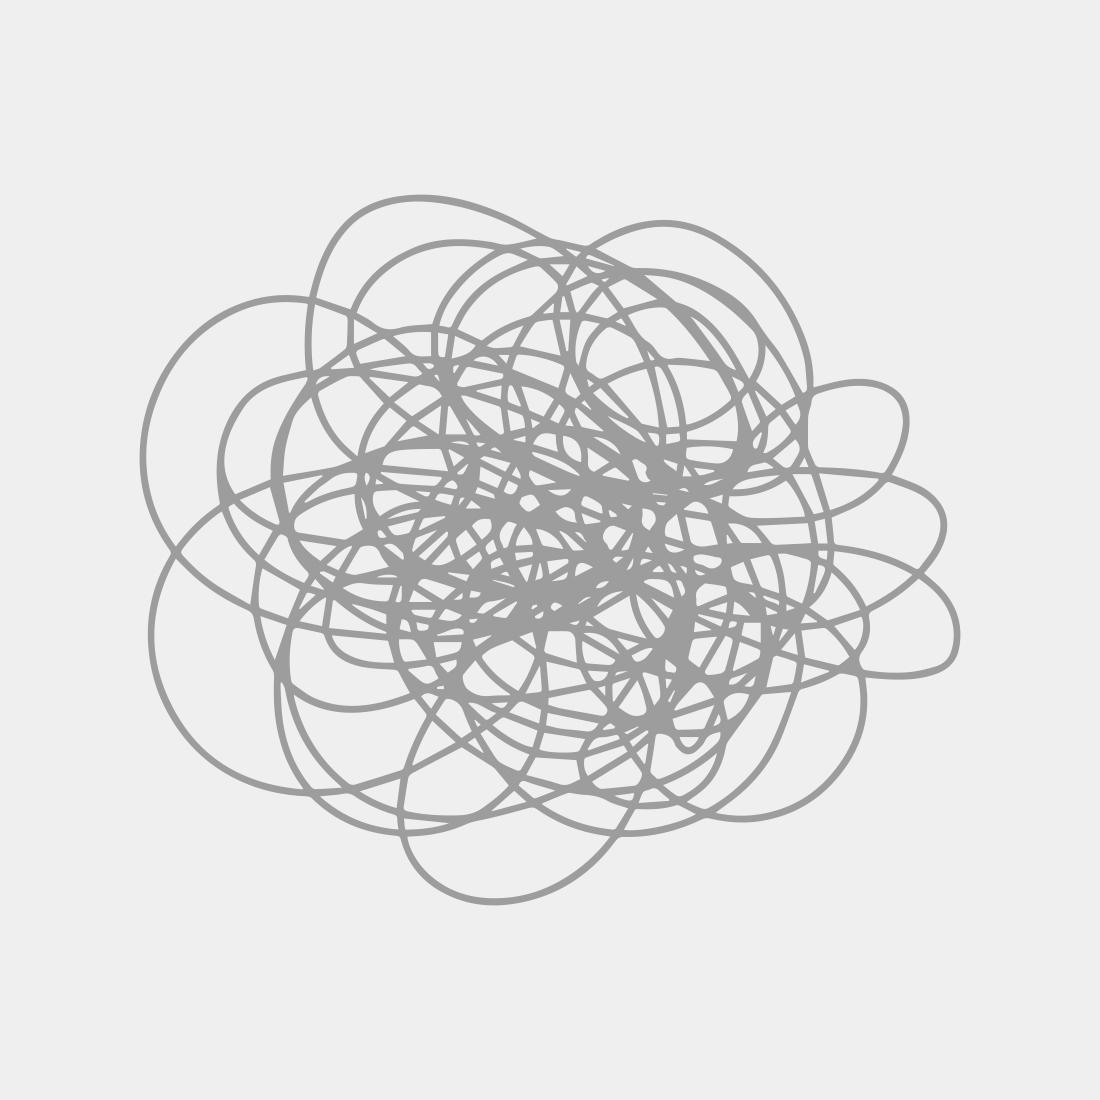 Leon Spilliaert The Cloud Repro Print 35.5 x 28cm